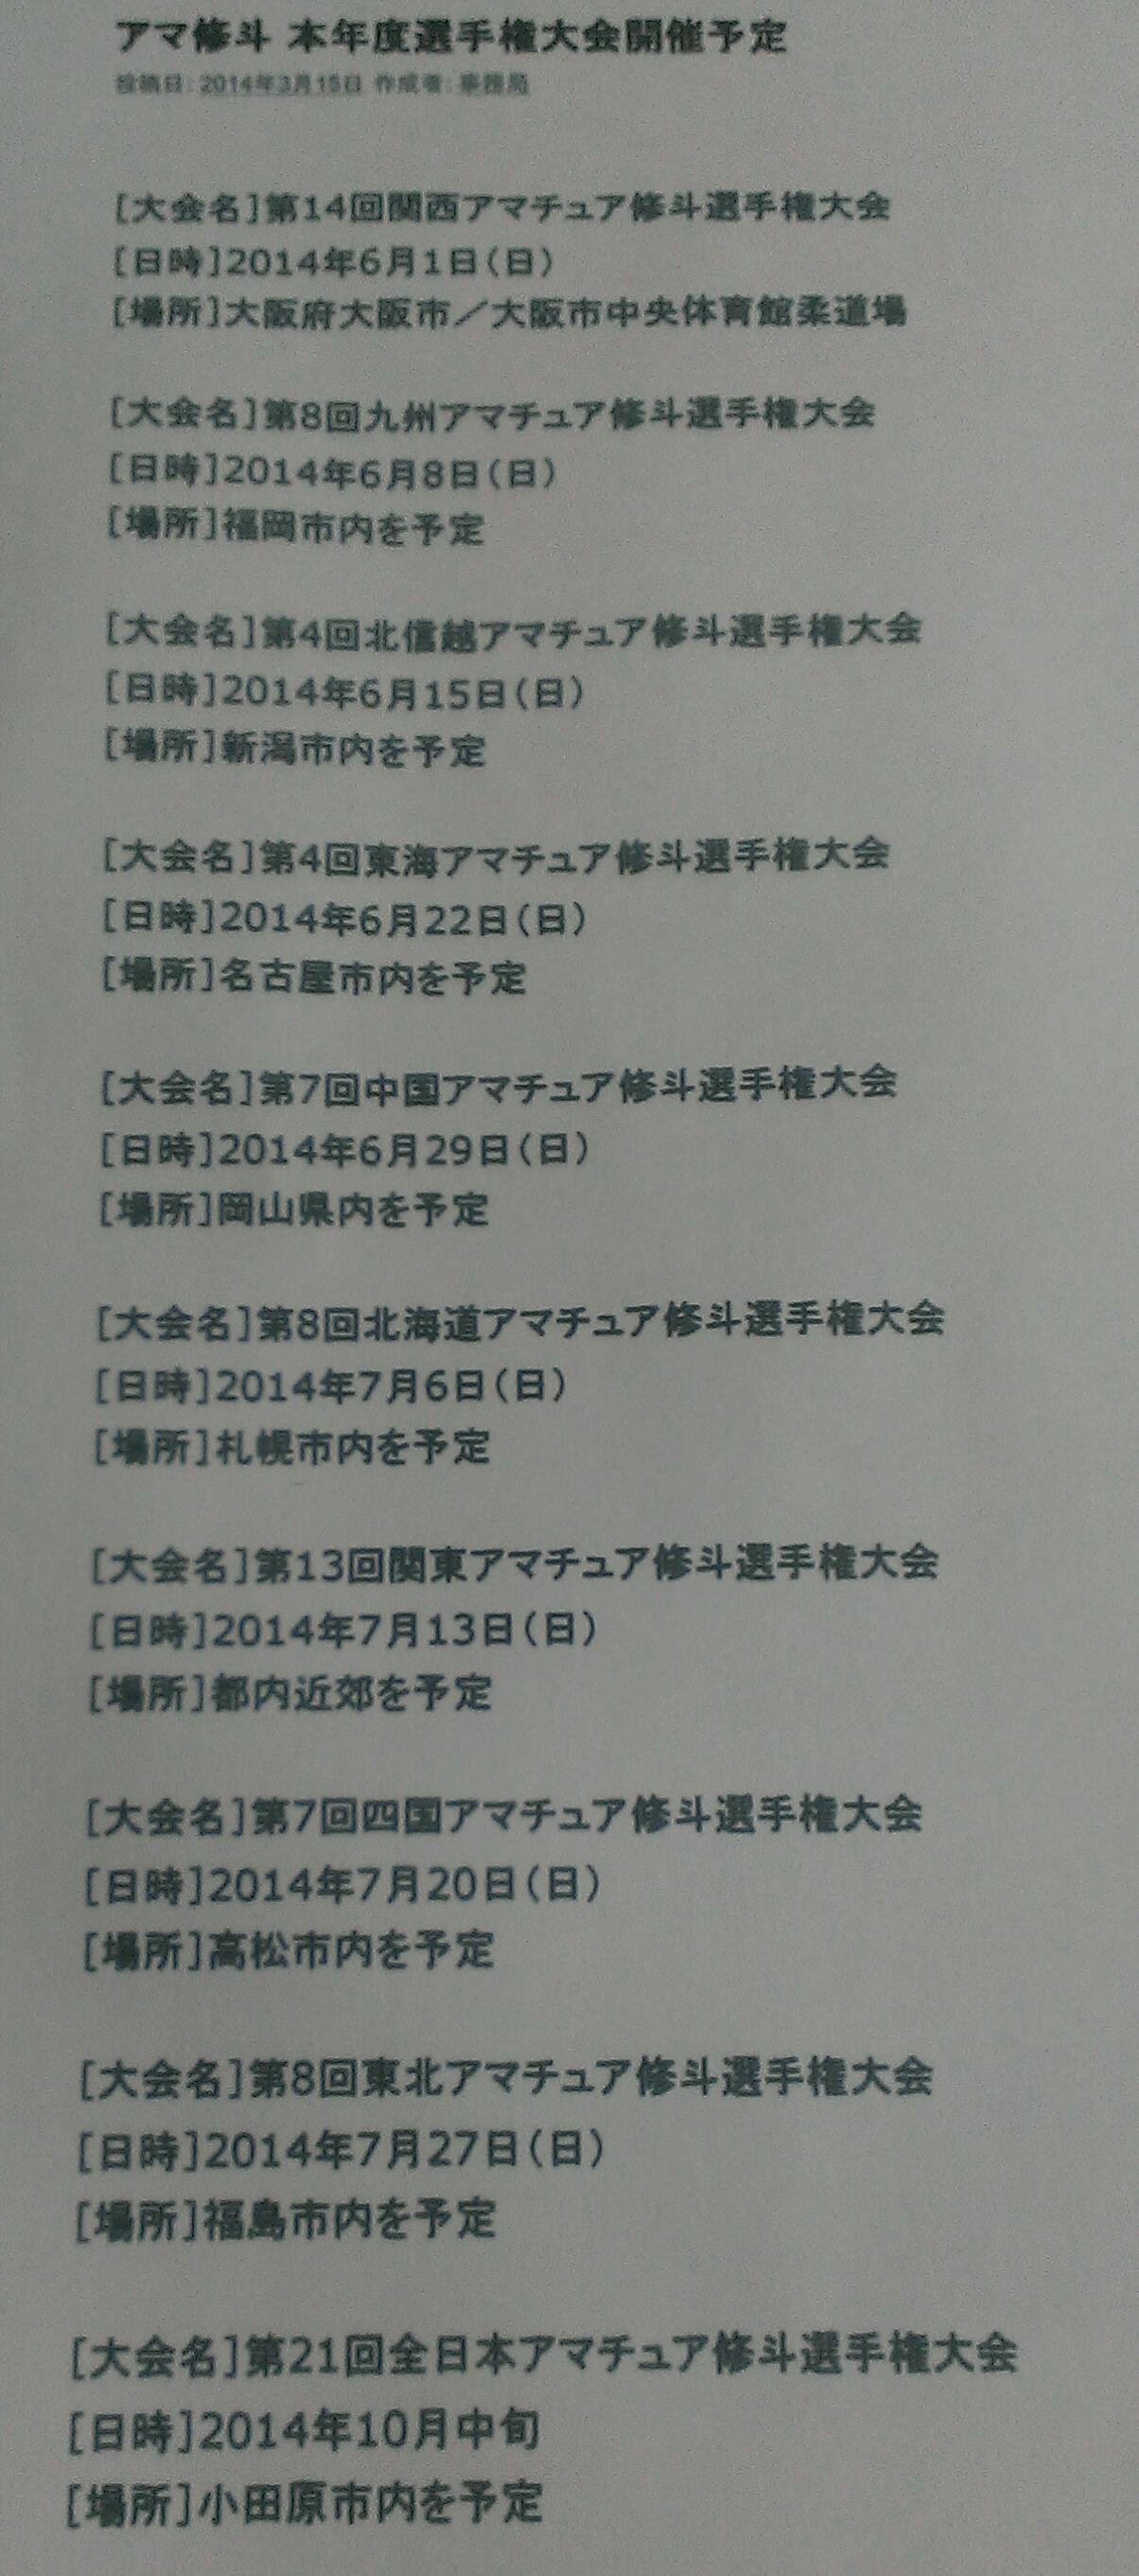 2014年アマチュア修斗選手権予定日